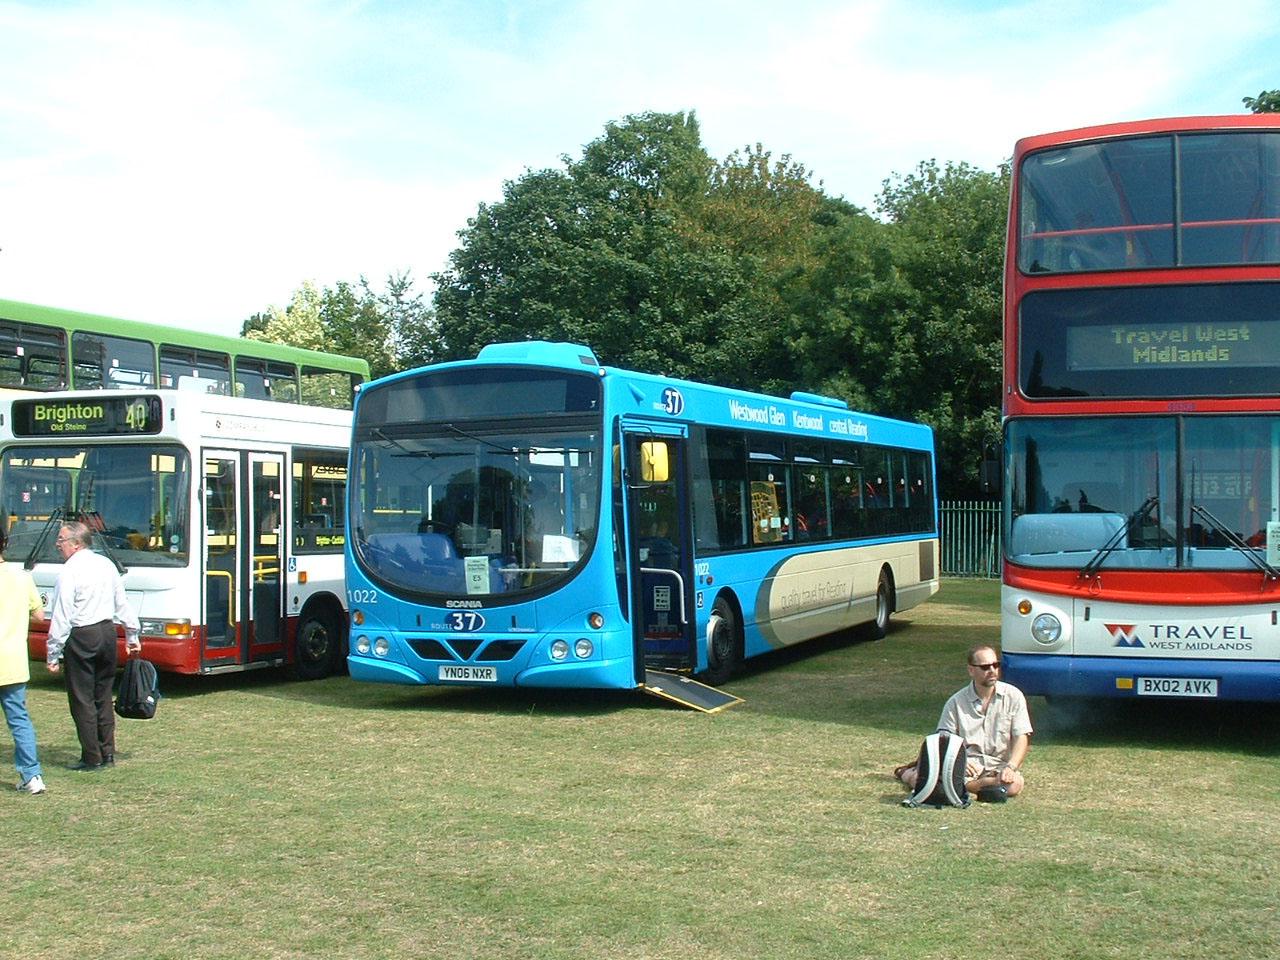 Scania L94ub Pt 2 Brisbane Transport Bus 677 Scania L94ub Cng Zf Scania L94ub Wright Eclipse